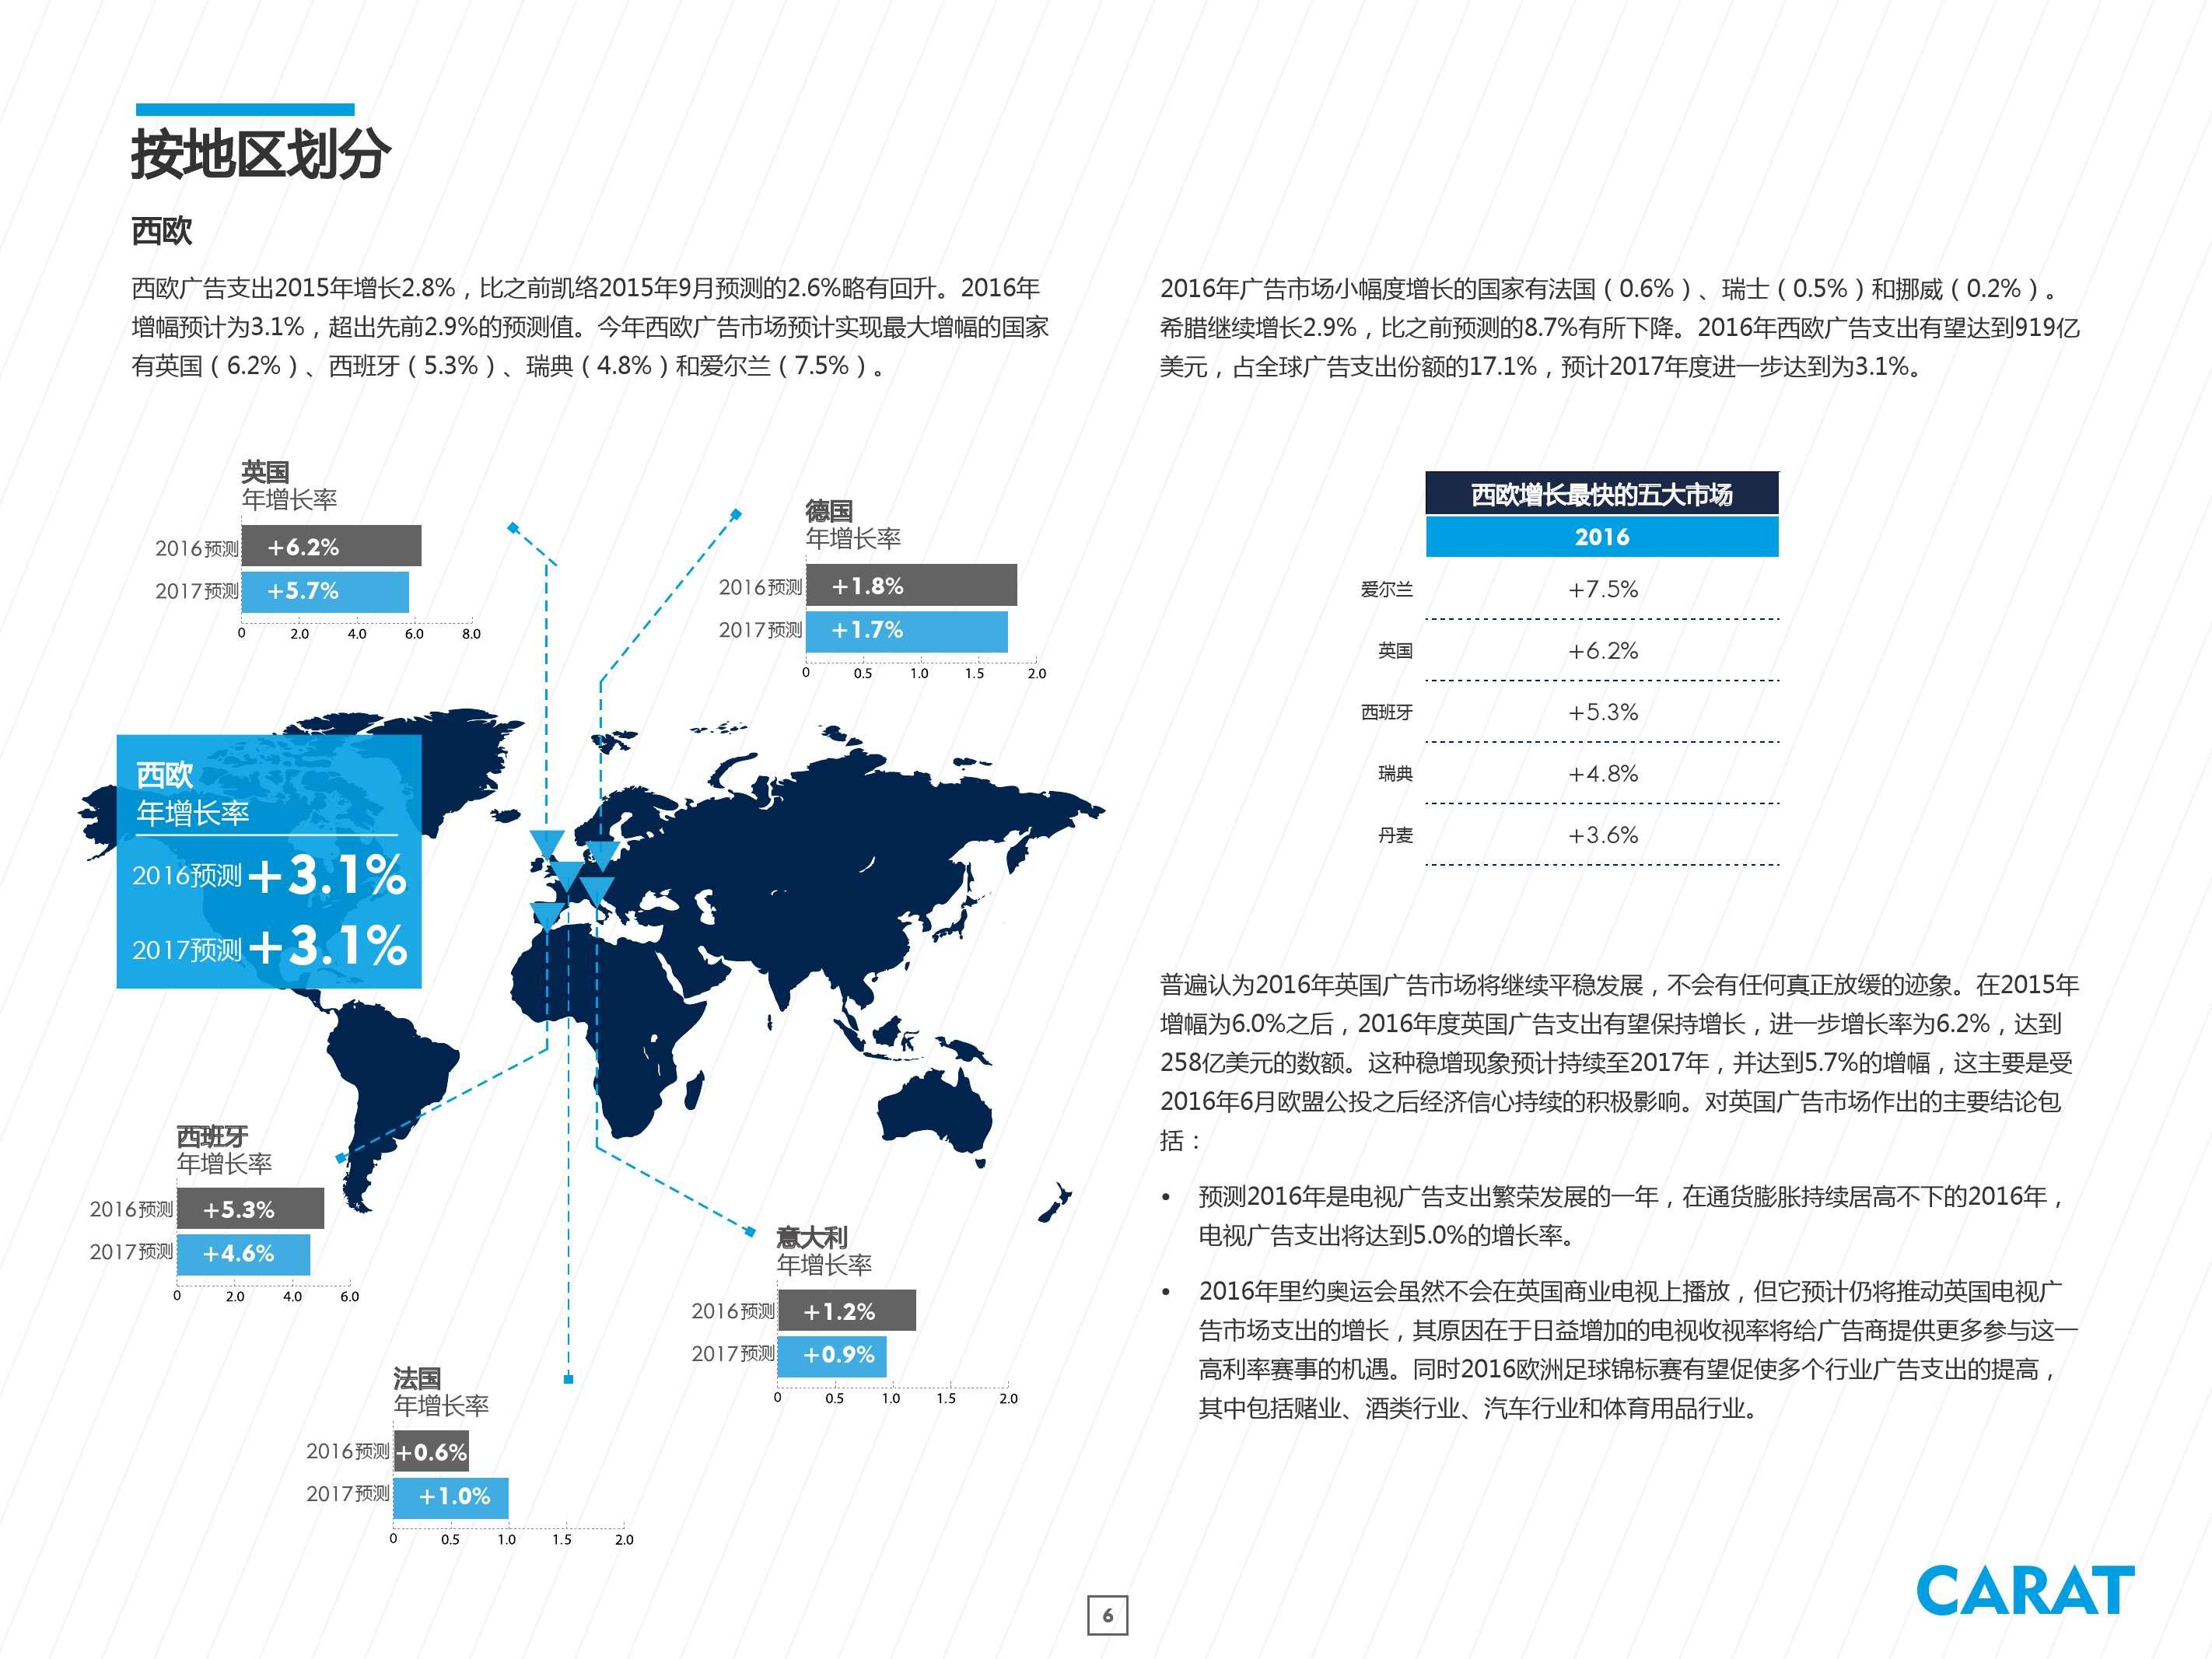 2016年全球数字广告支出预测_000006